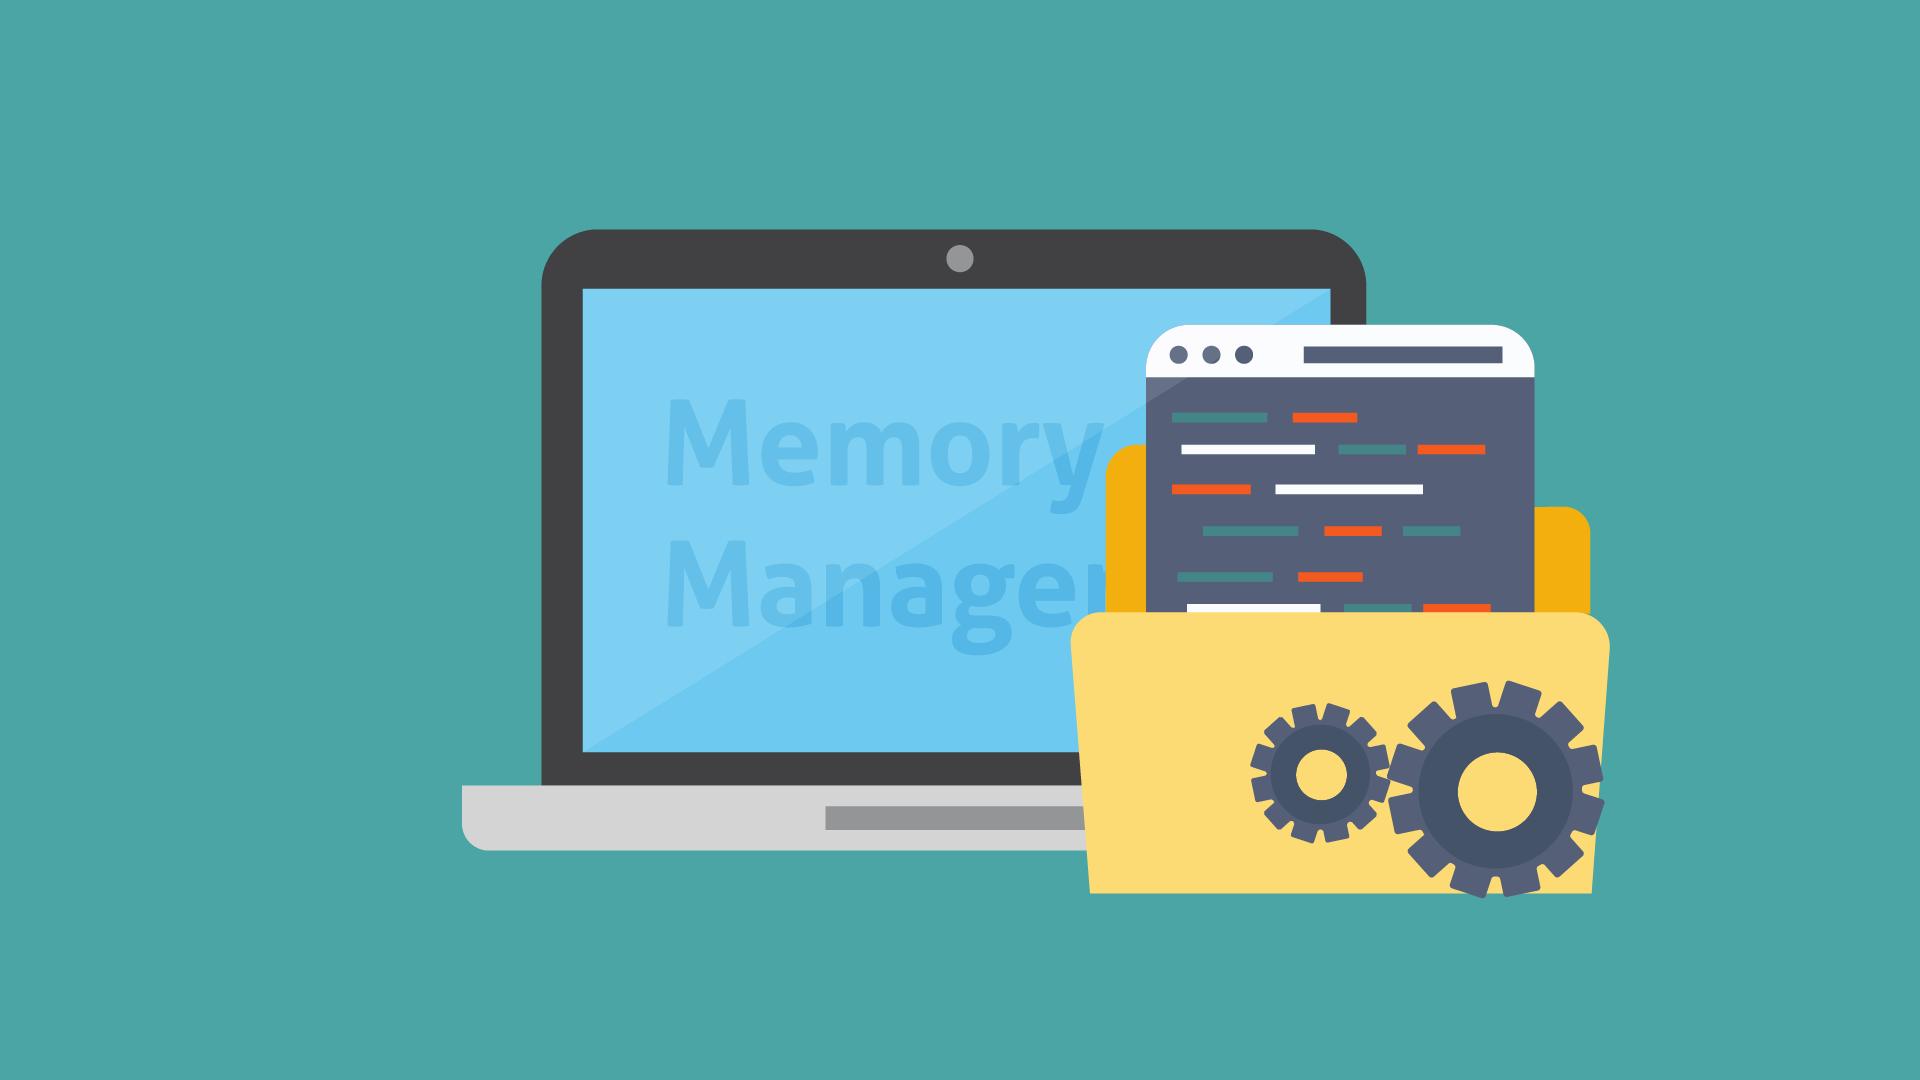 Вебинар Memory Management в приложениях iOS фото